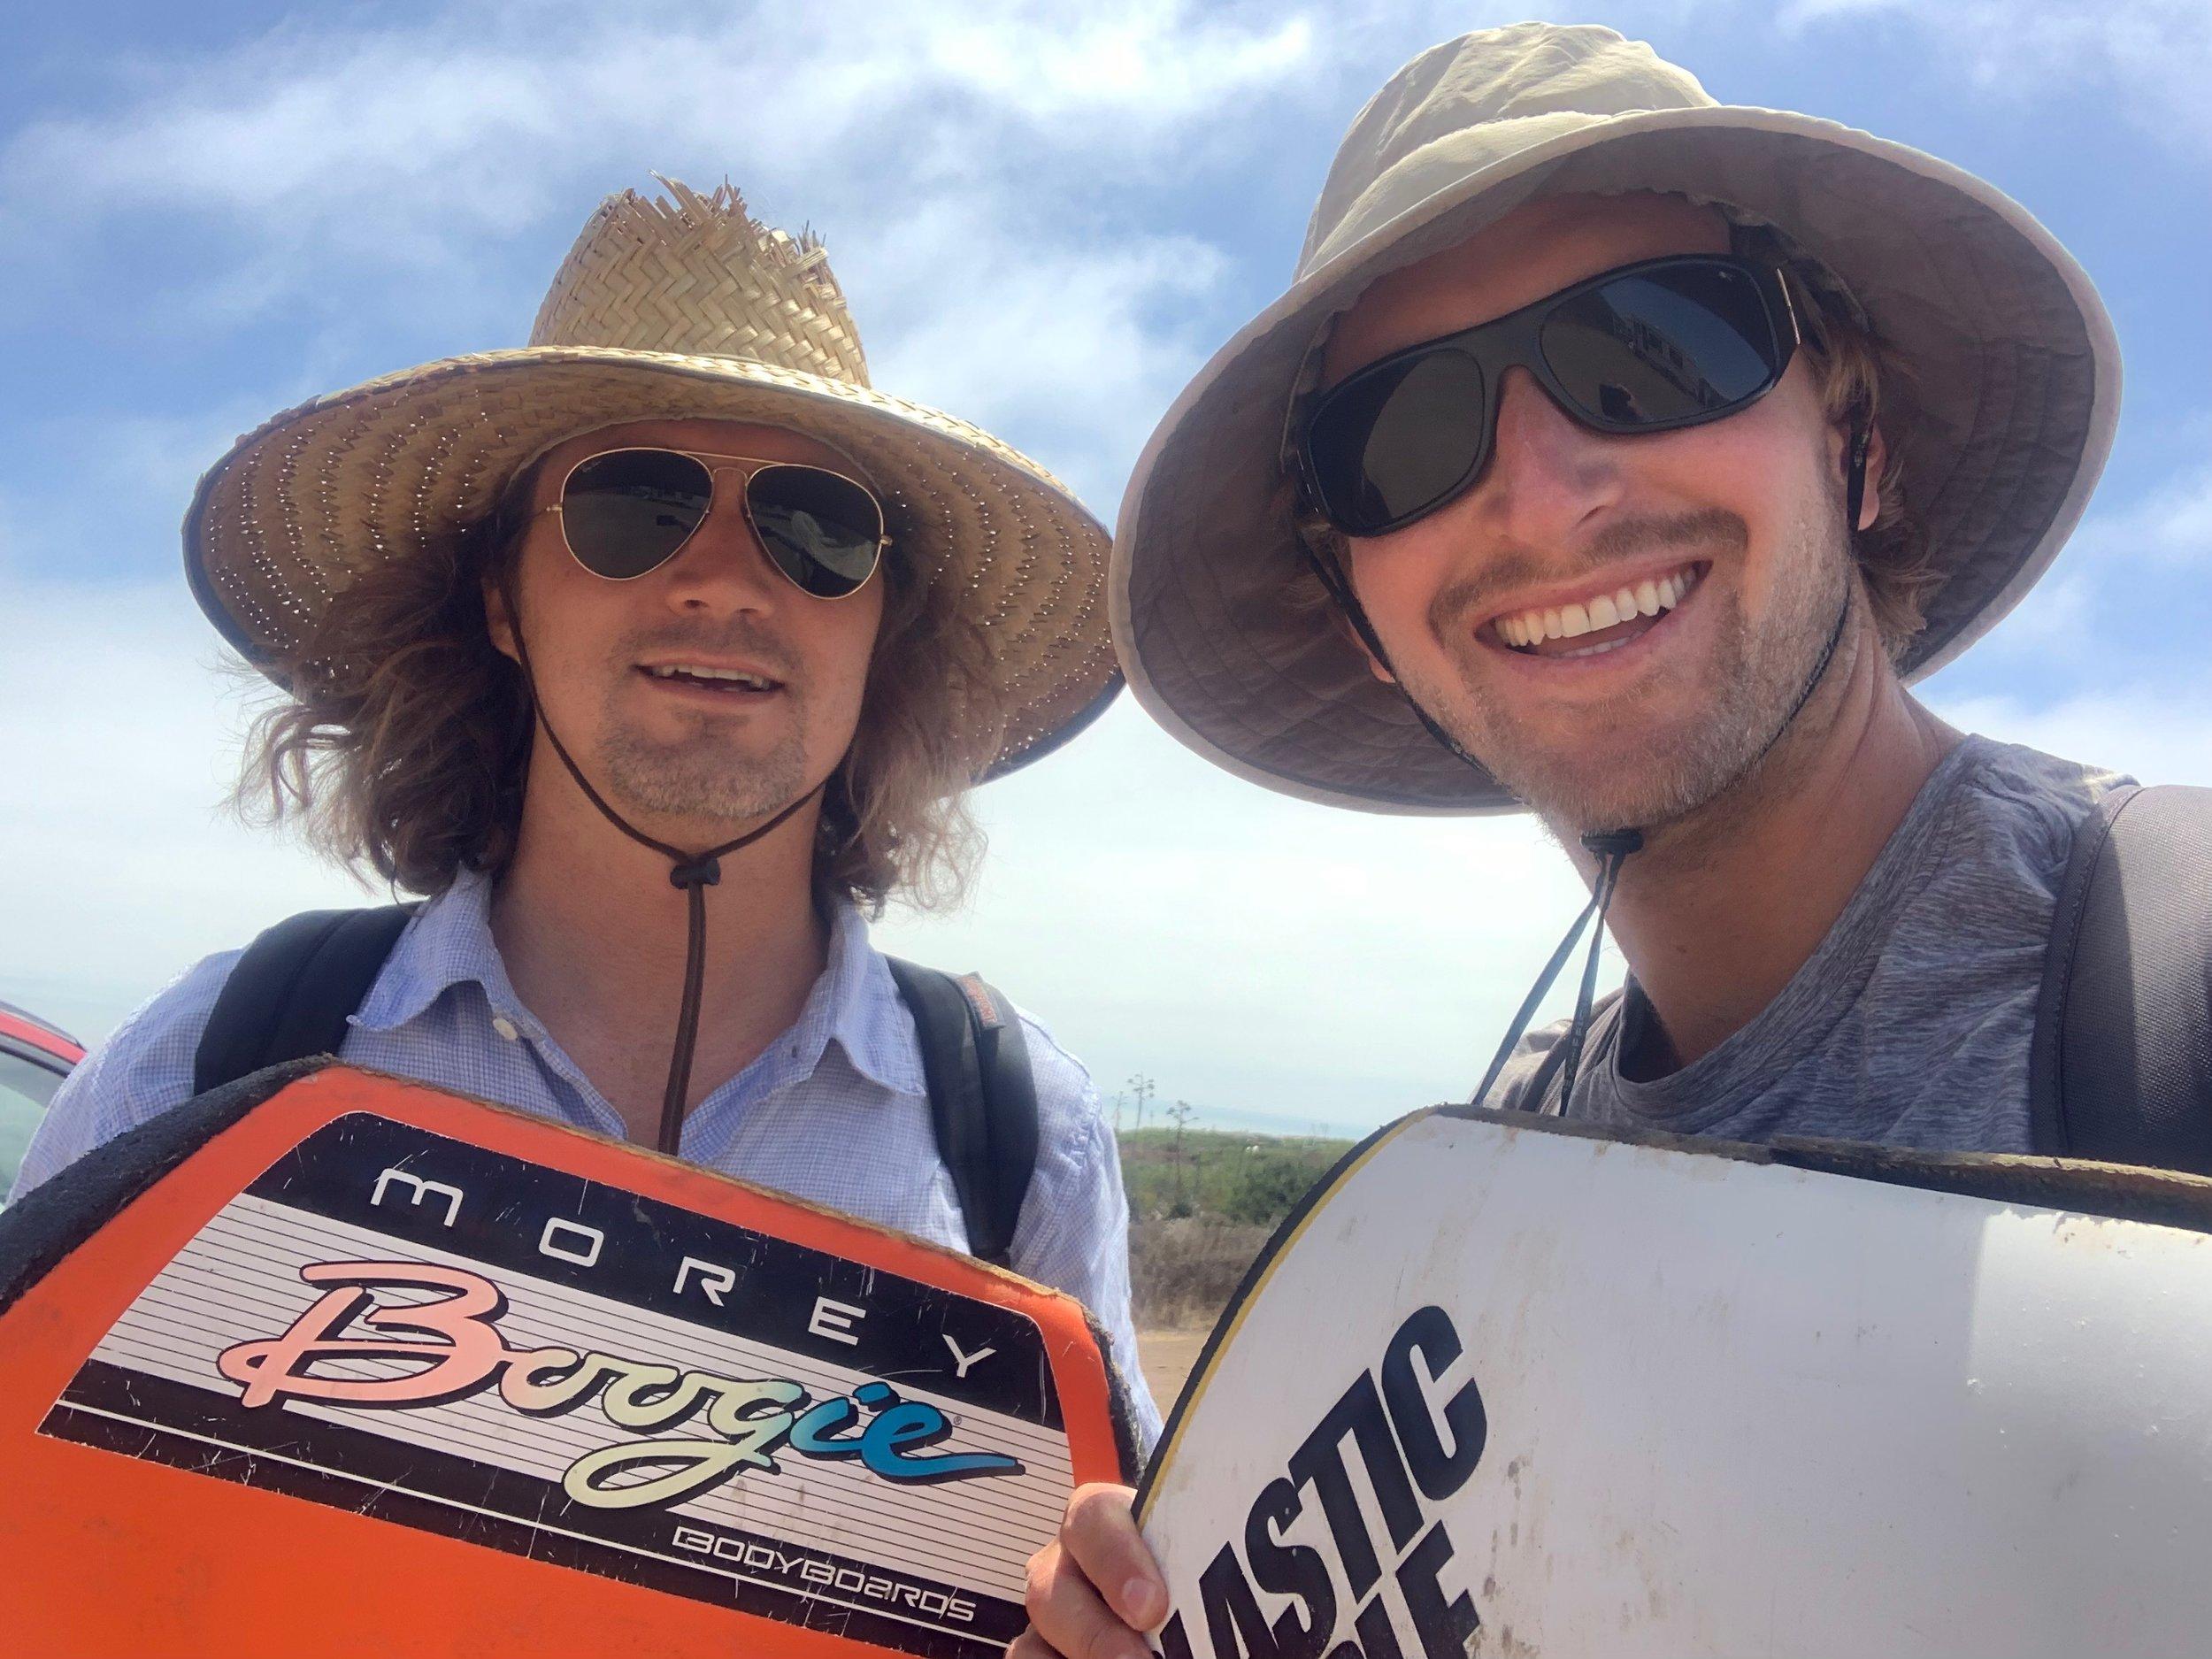 Matt Lamkin and Sebastian Slovin, Getting ready to Boogieboard